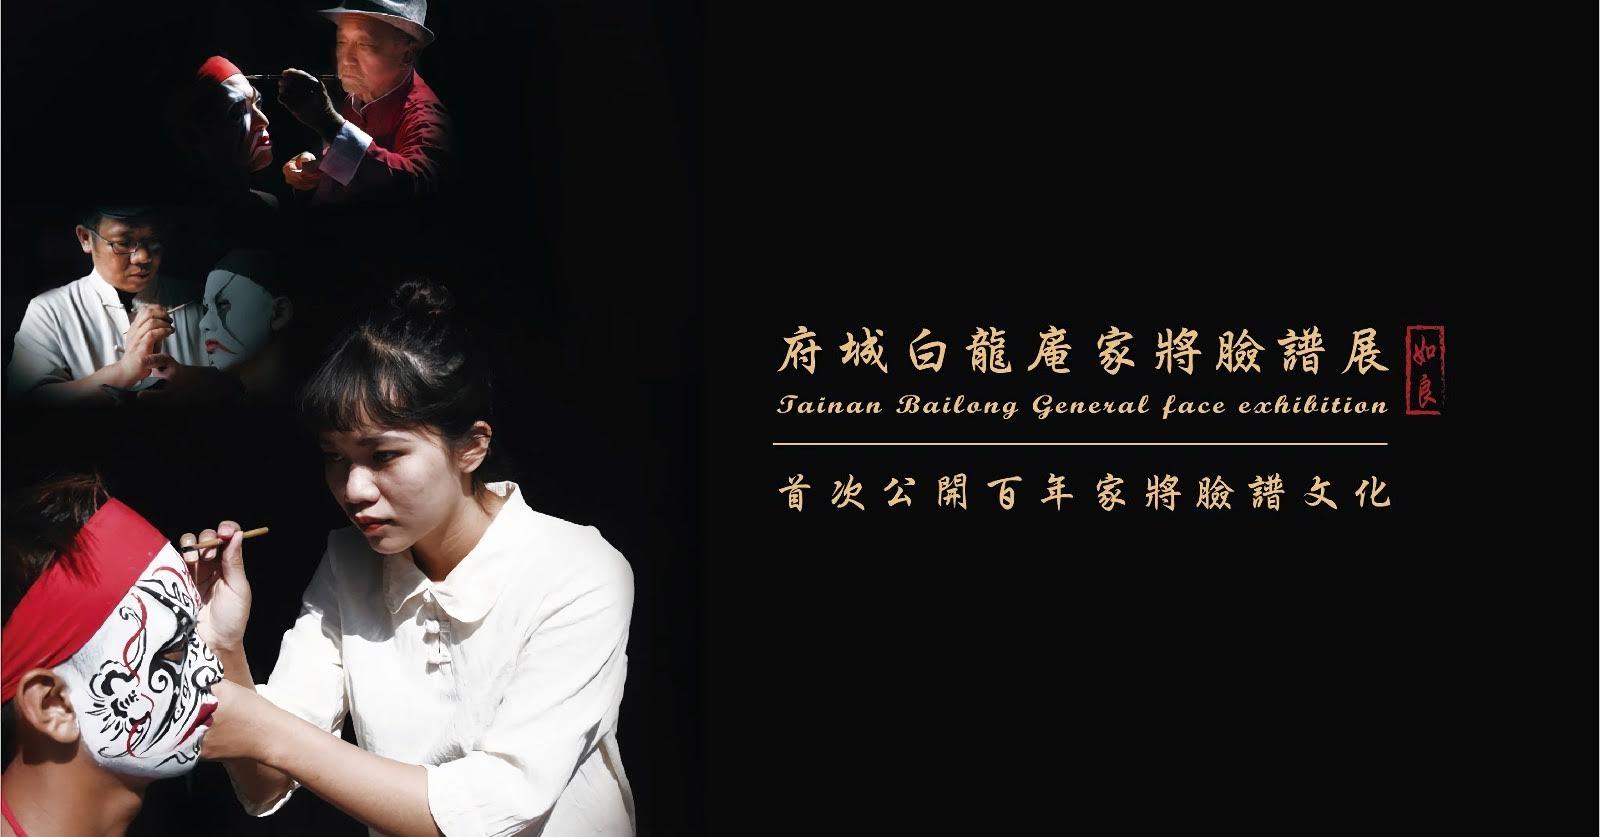 [活動] 府城白龍庵家將臉譜展|國立台南生活美學館